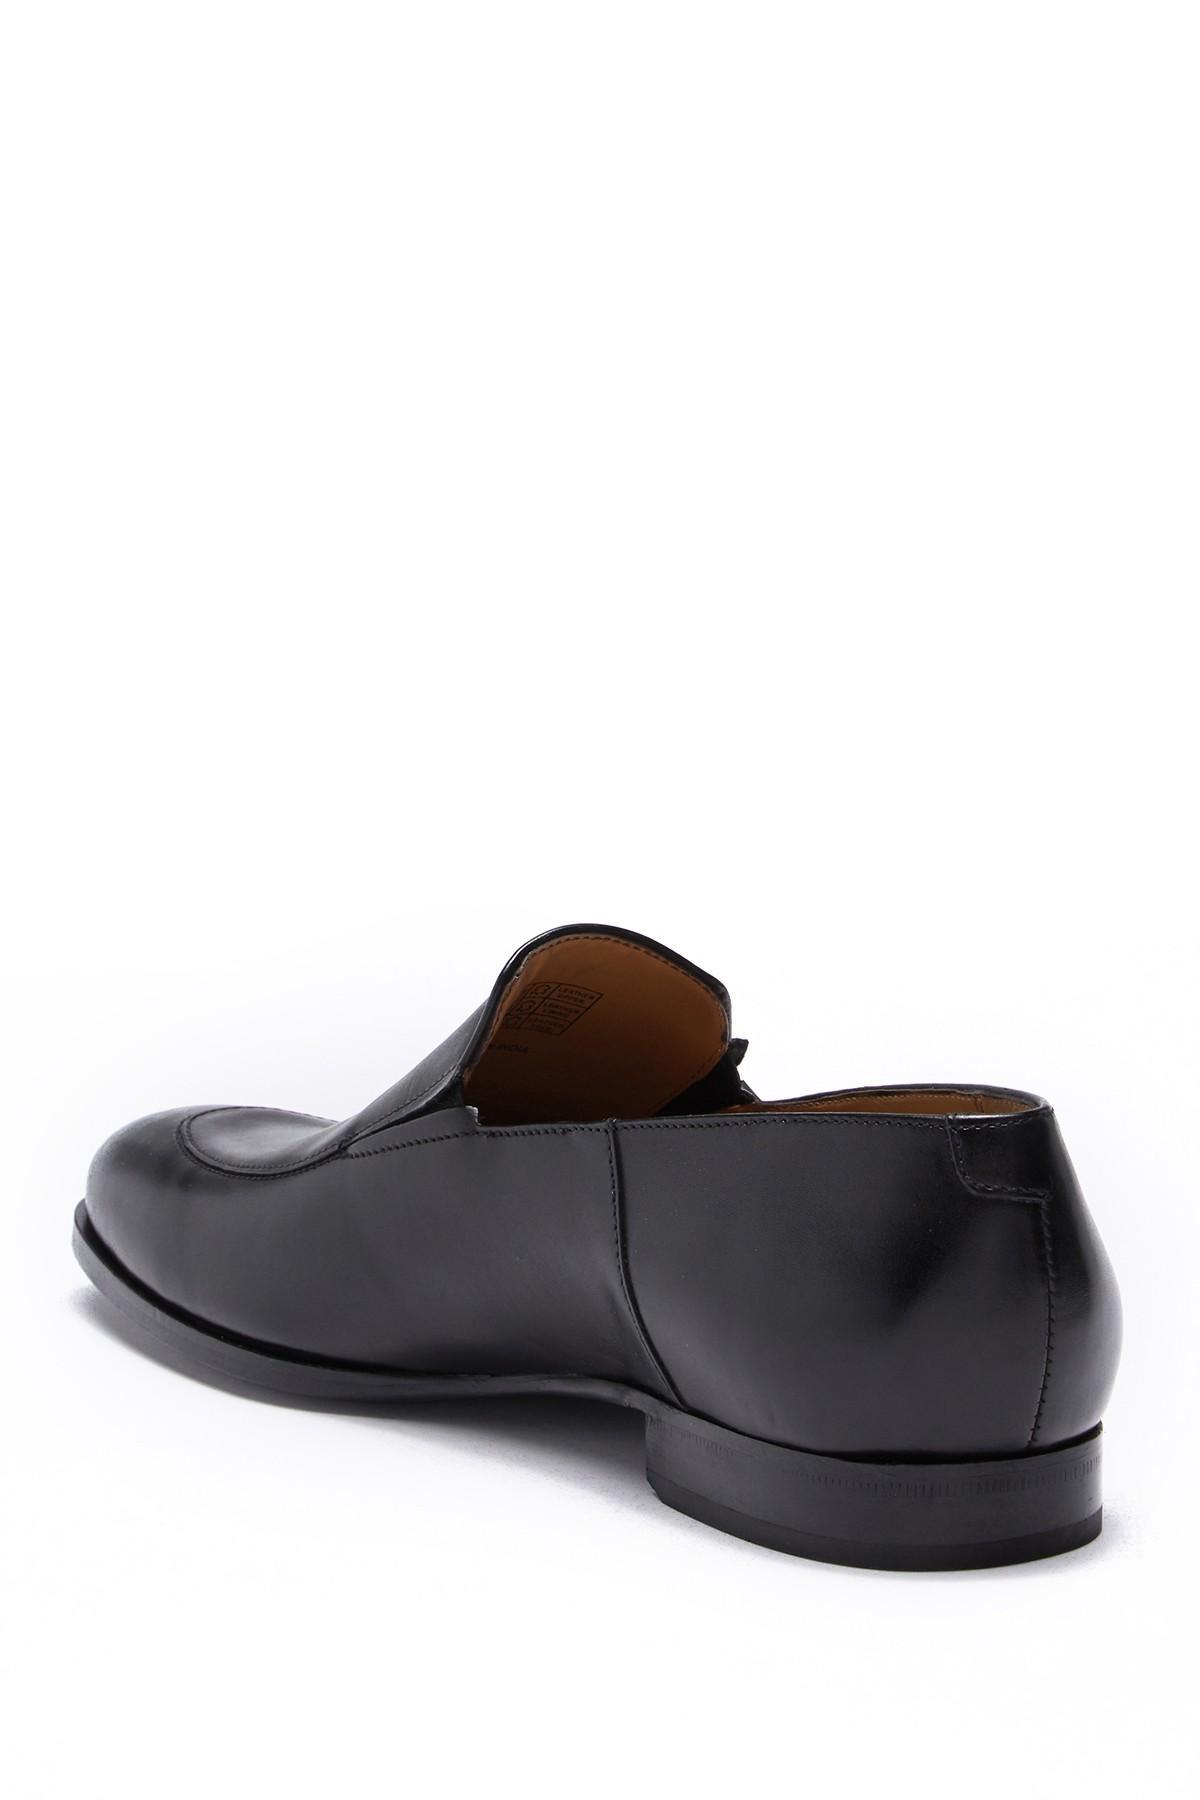 81e83b334ef BOSS - Black Hannover Venetian Leather Loafer for Men - Lyst. View  fullscreen